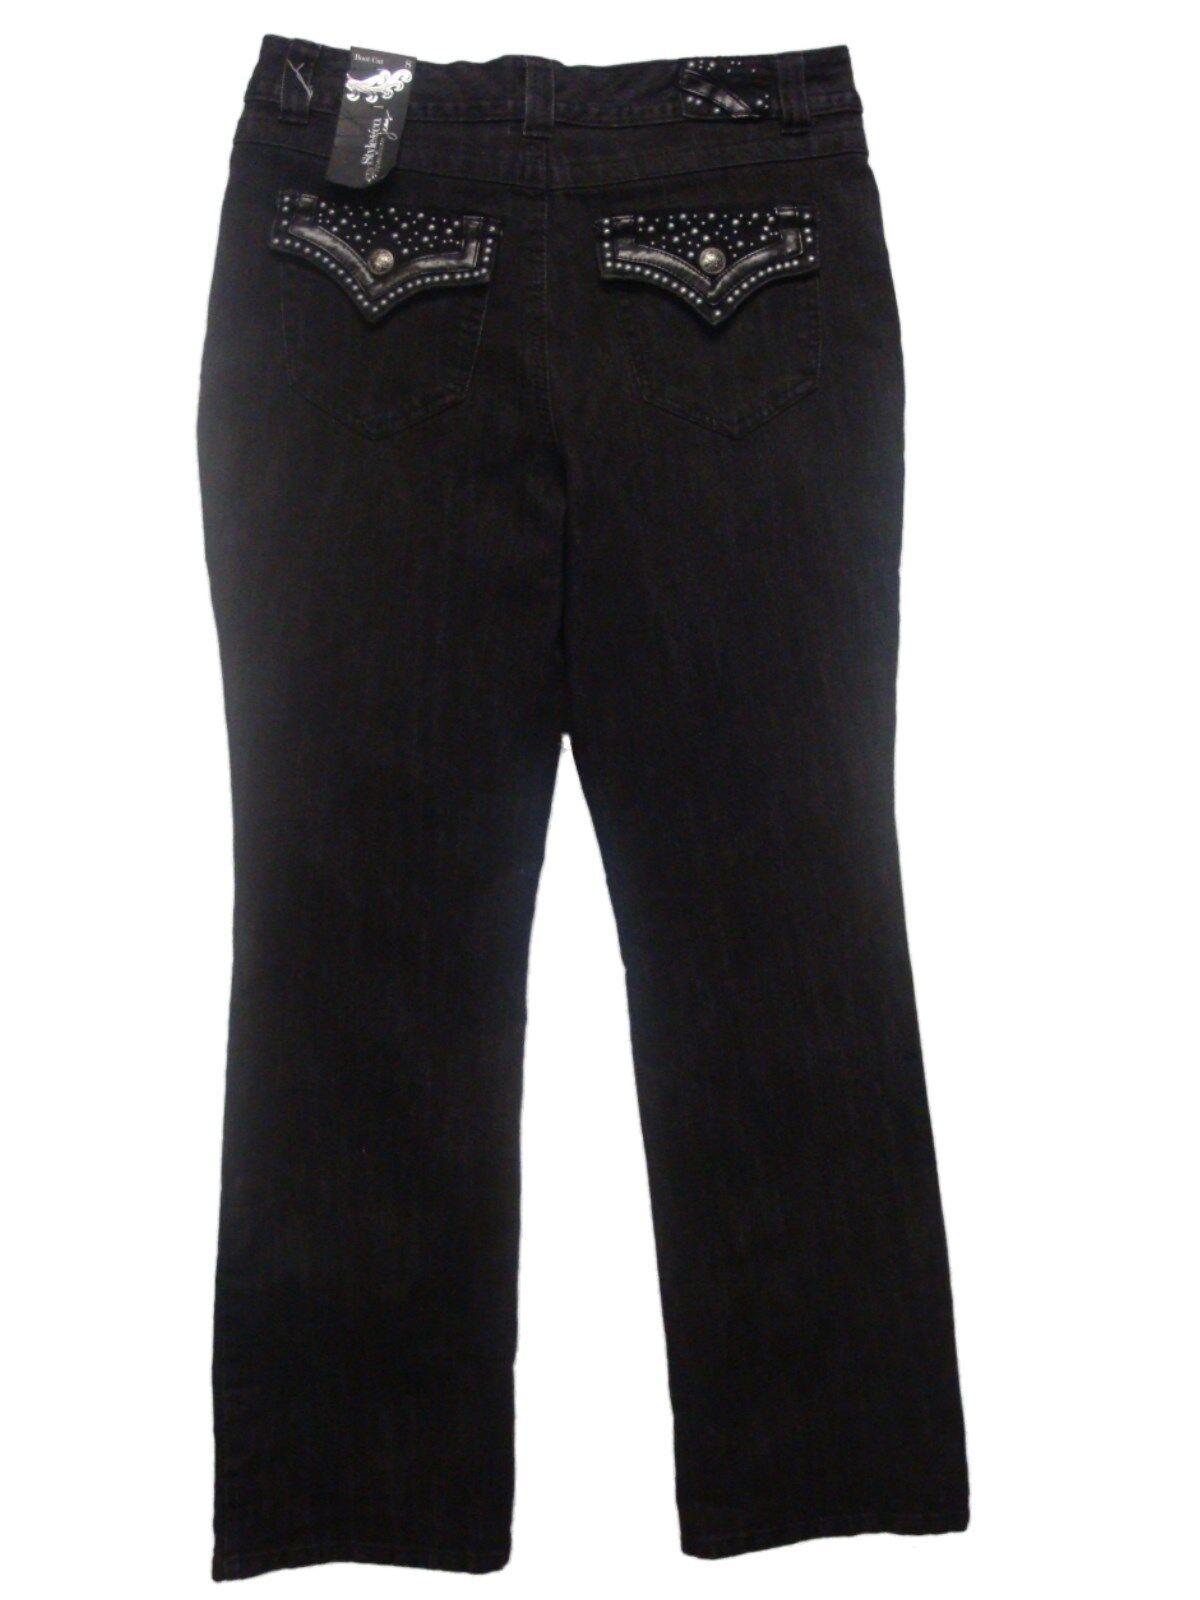 NWT Style & Co. Premium